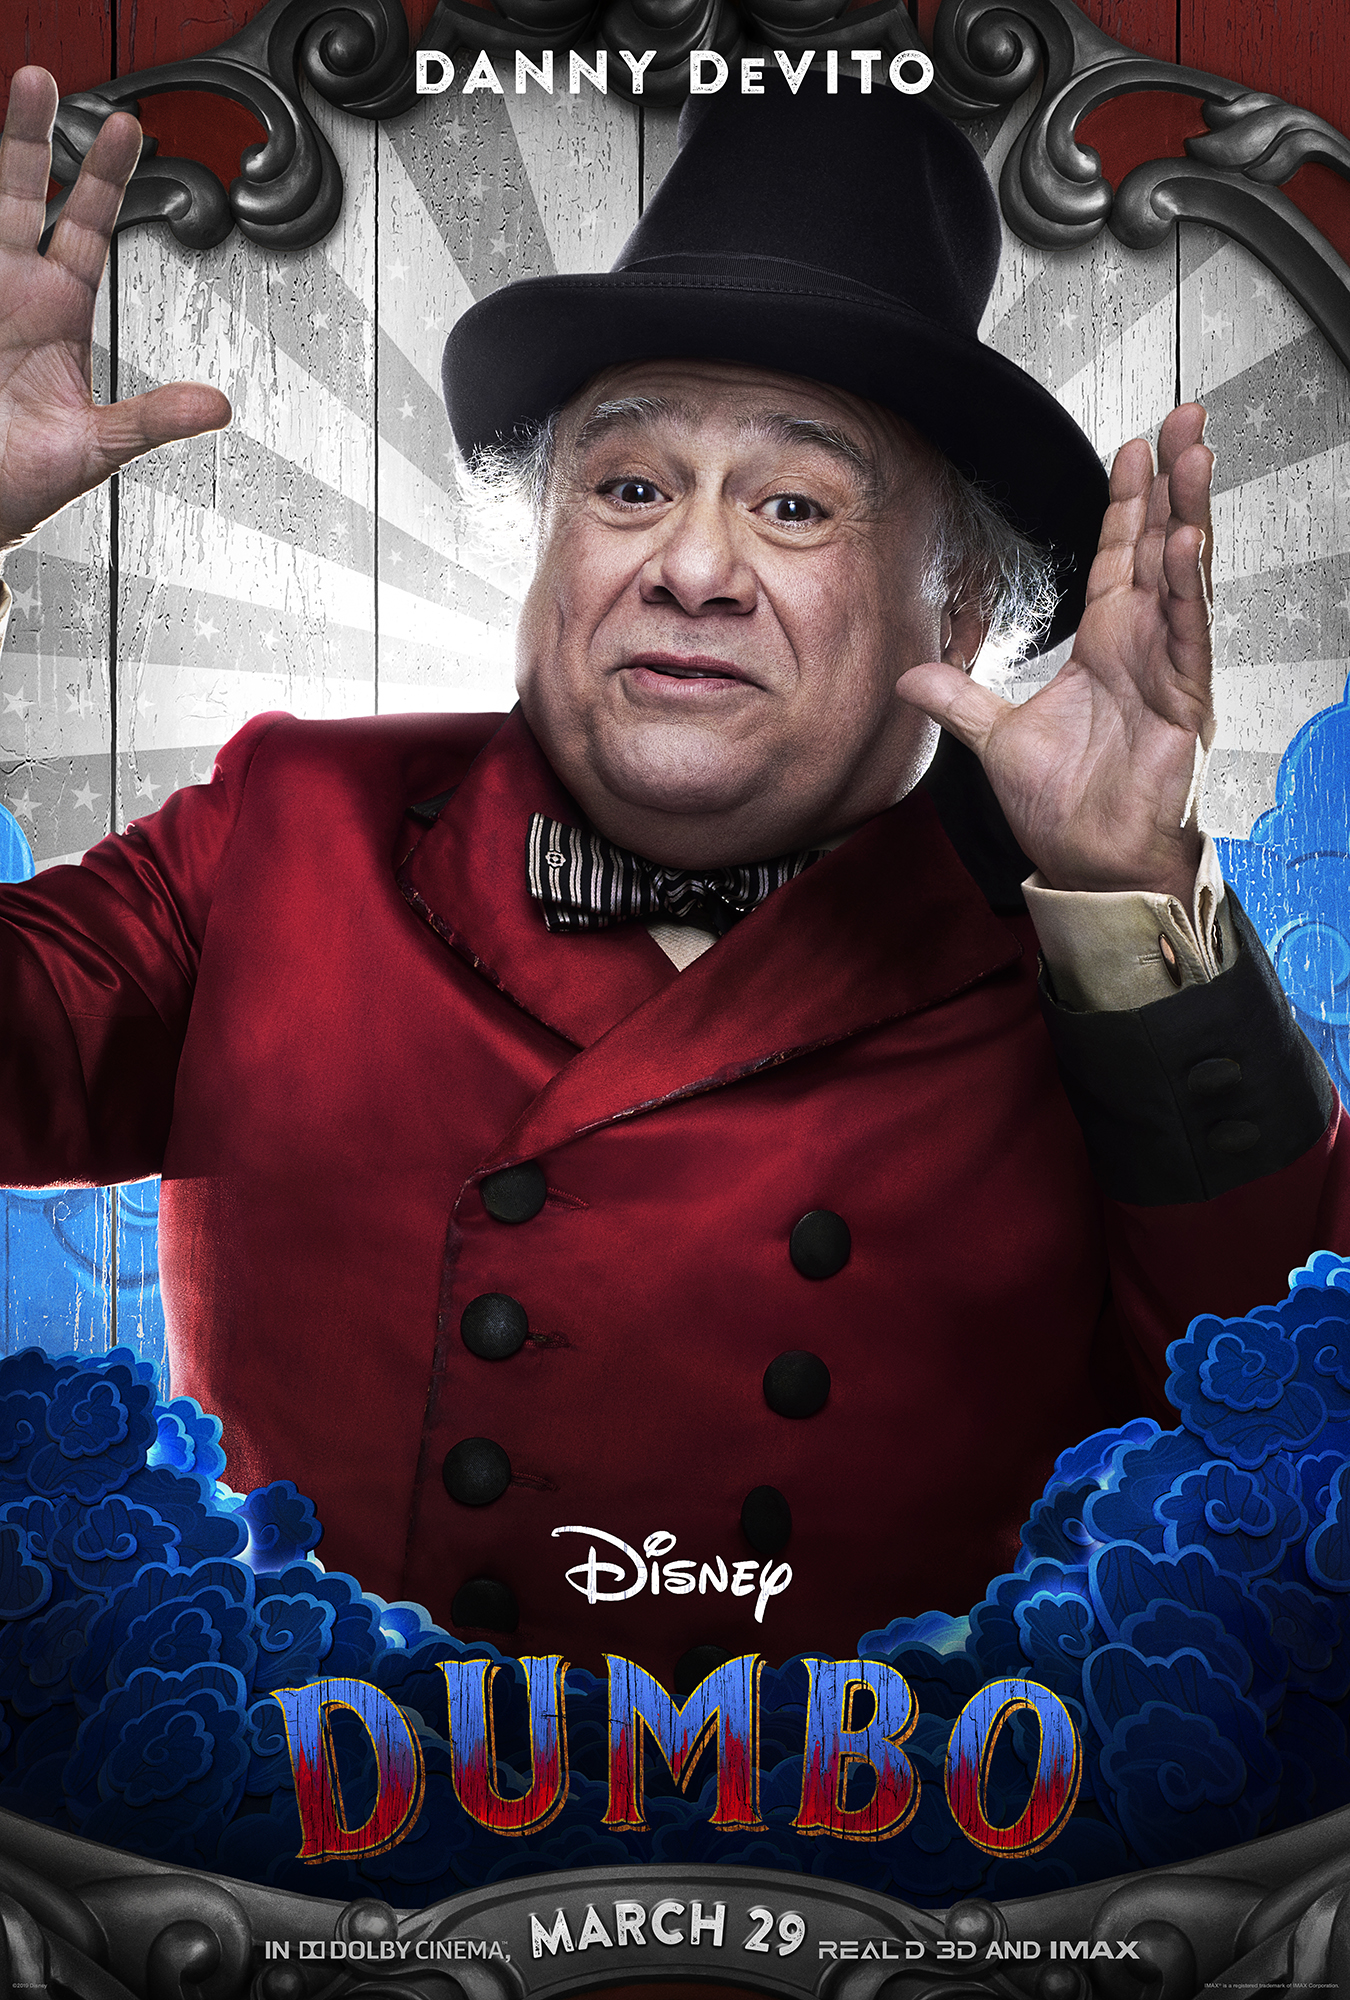 Dumbo_1Sht Character_DANNYD_100dpi.jpg